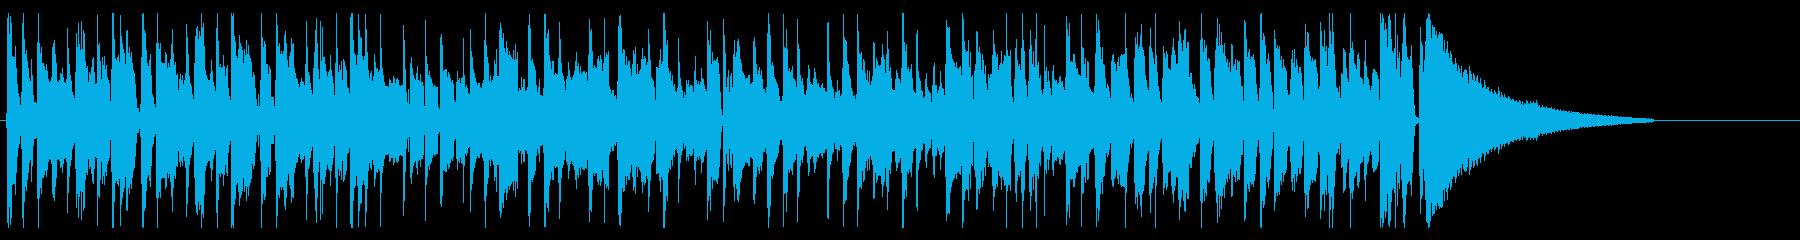 ポップなロカビリーOP,ED向けBGMの再生済みの波形